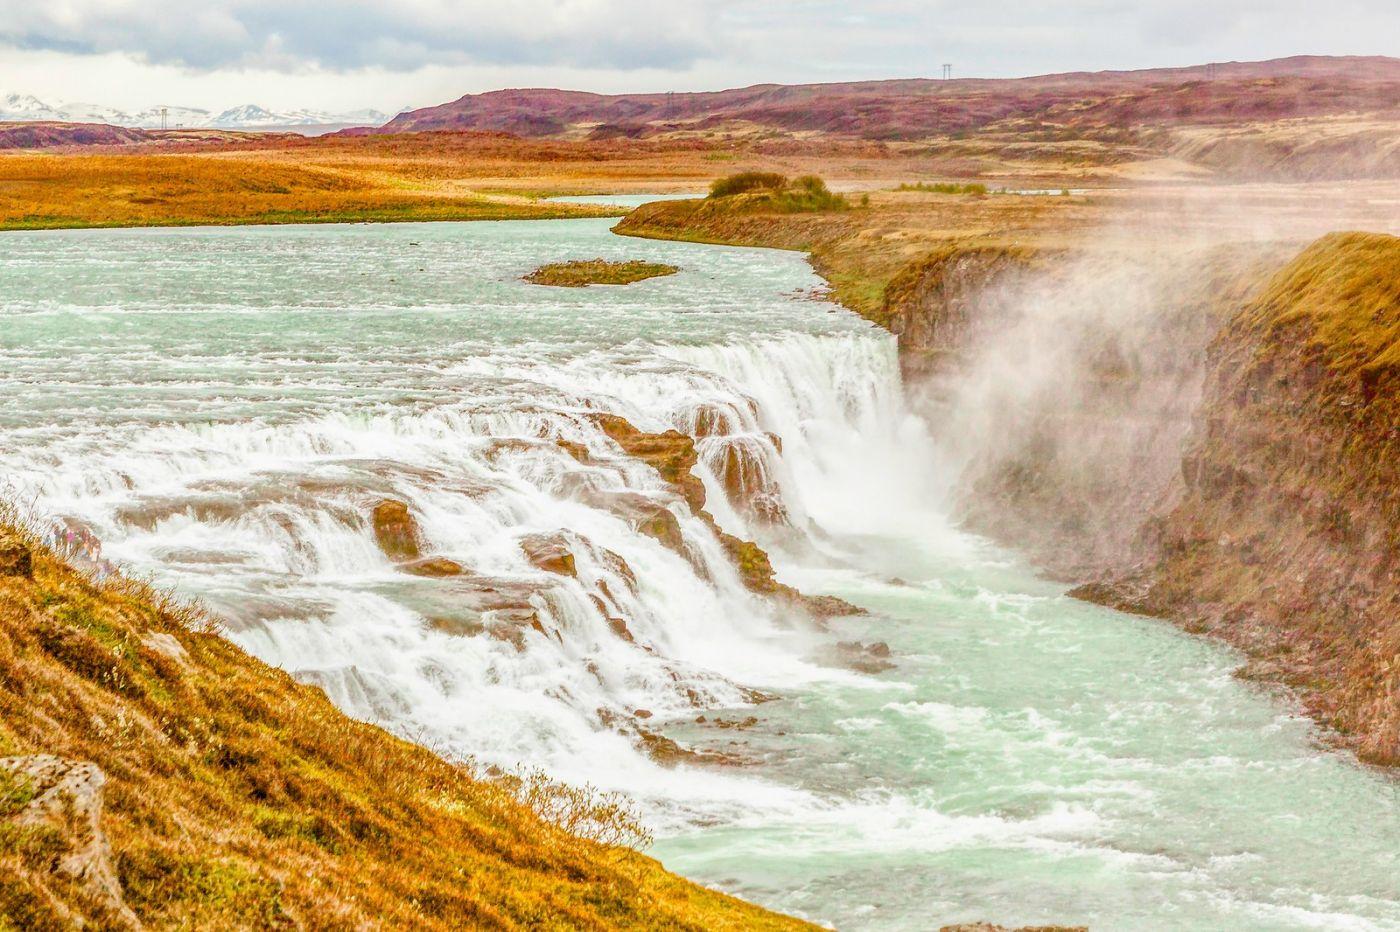 冰岛古佛斯瀑布(Gullfoss),气势磅礴_图1-17